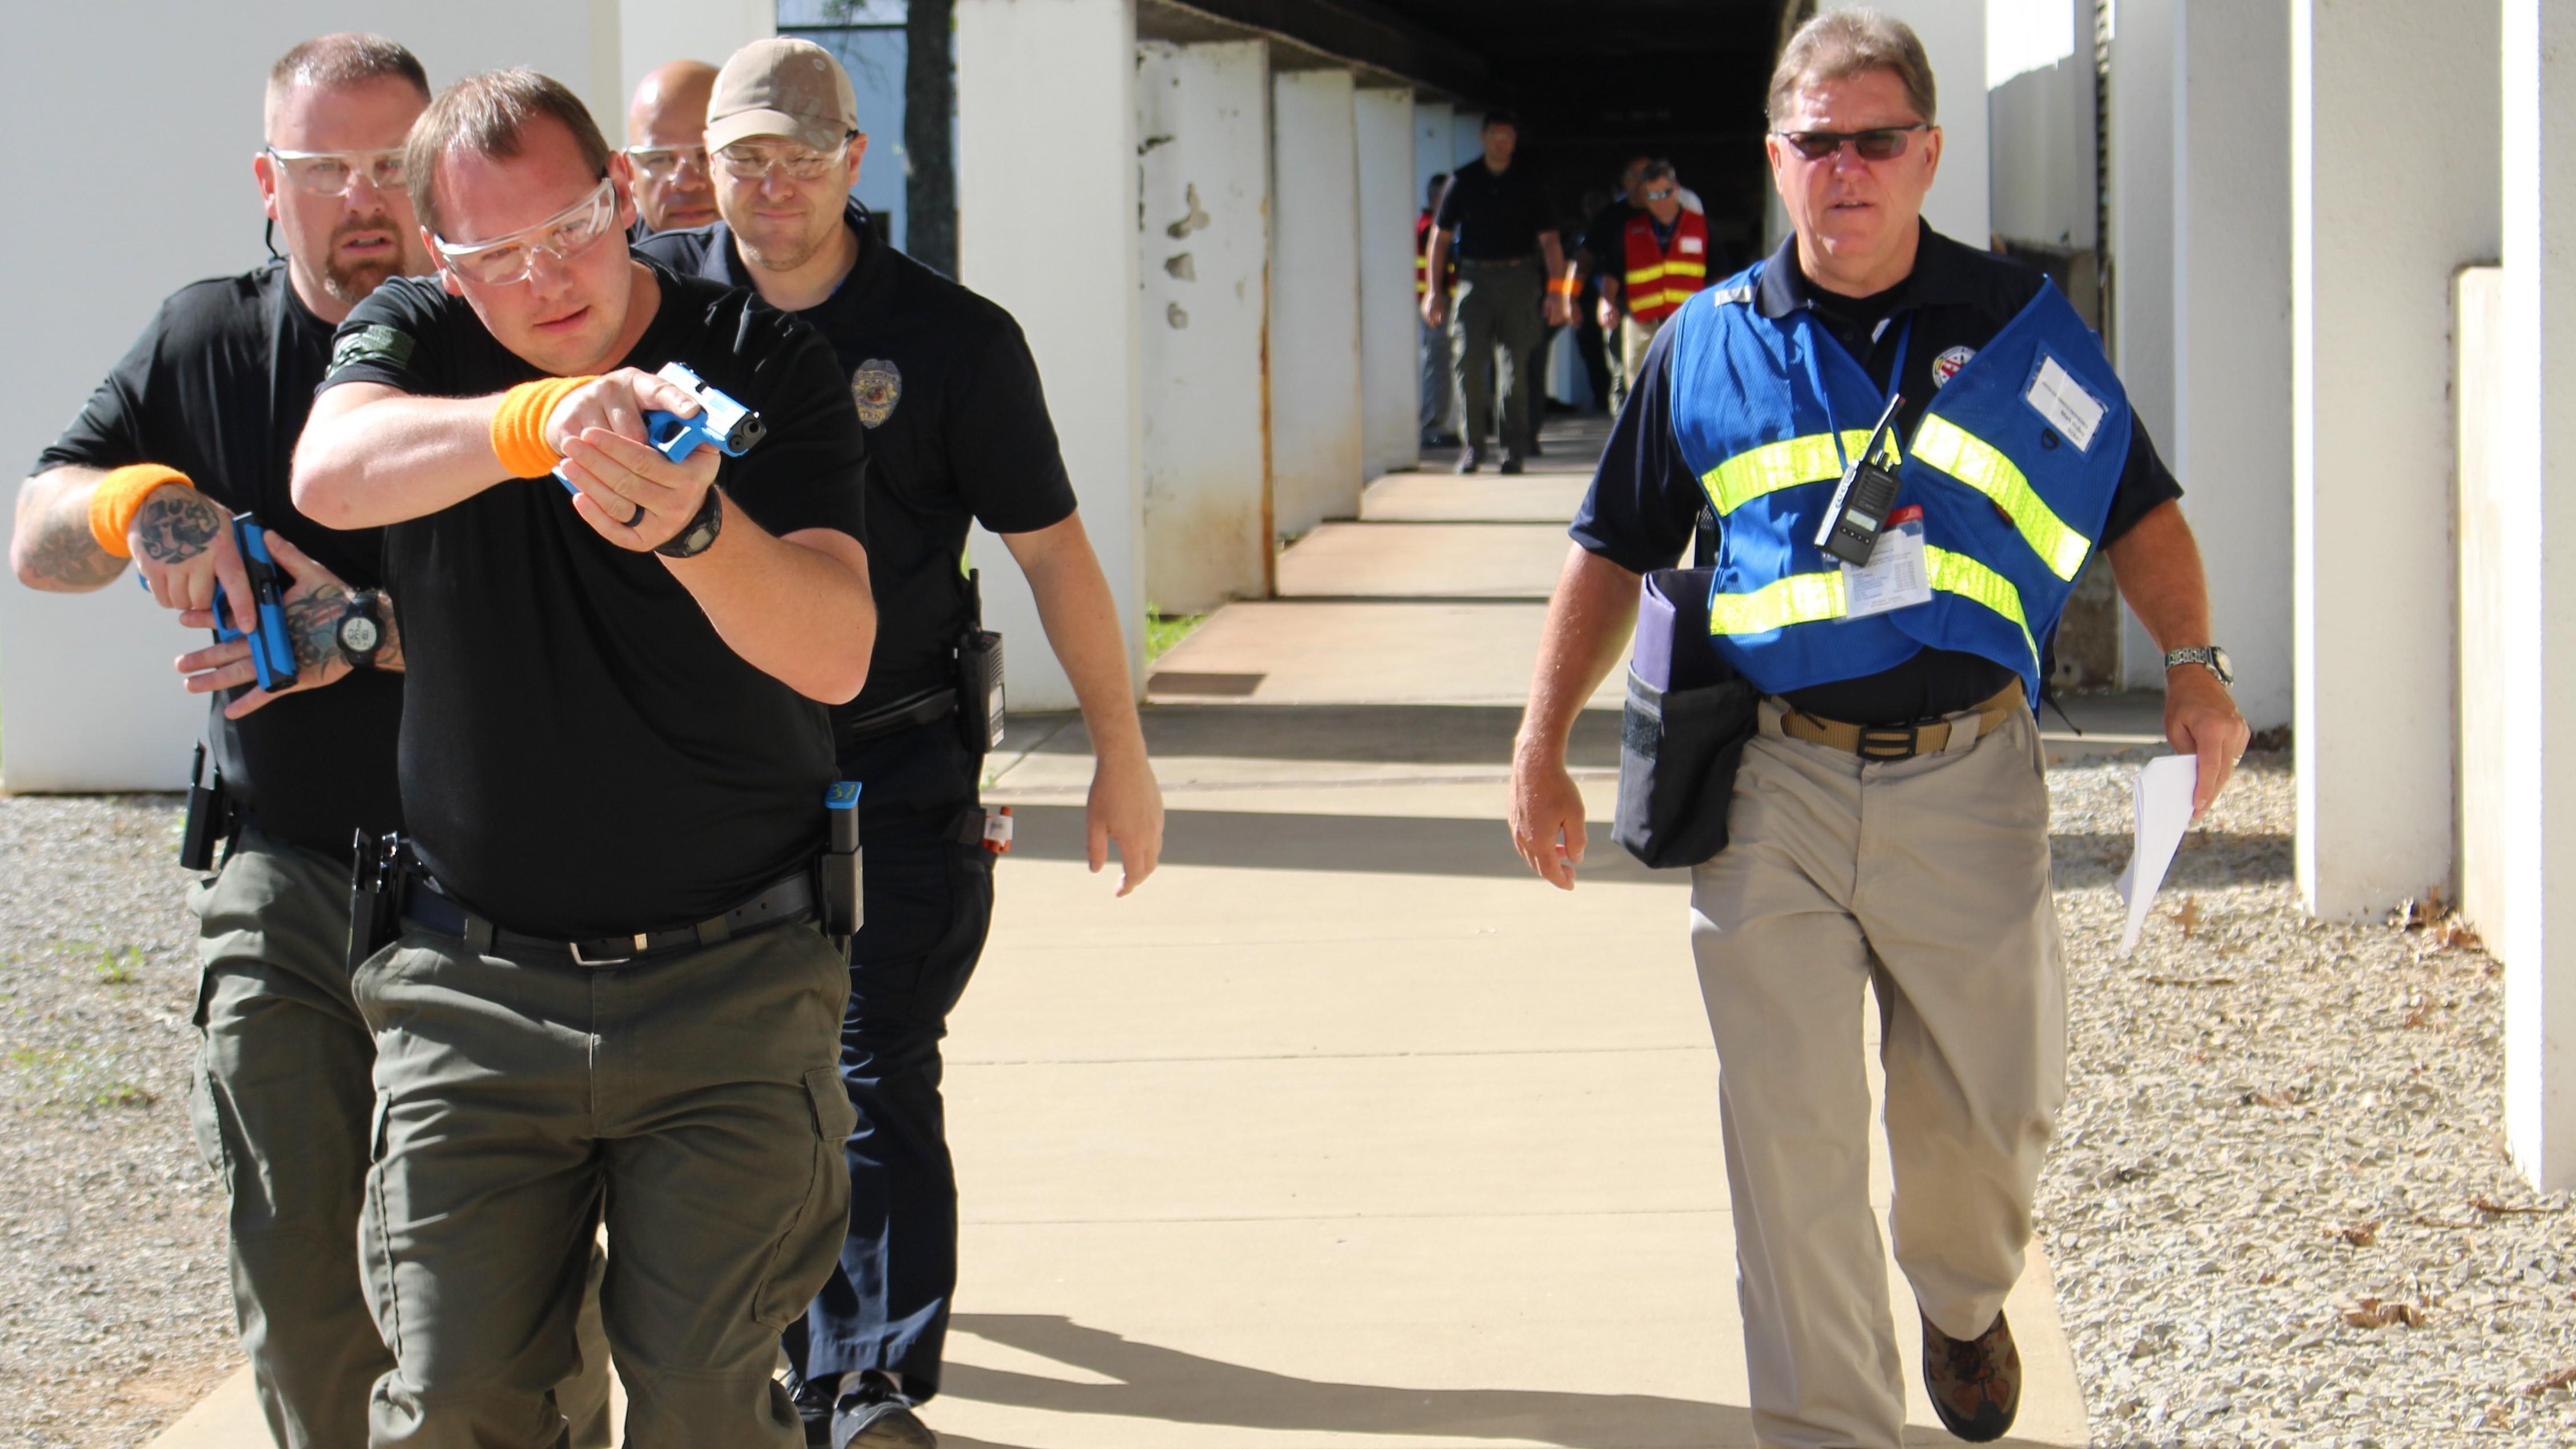 FEMA's Premier All-Hazards Training Center - Center for